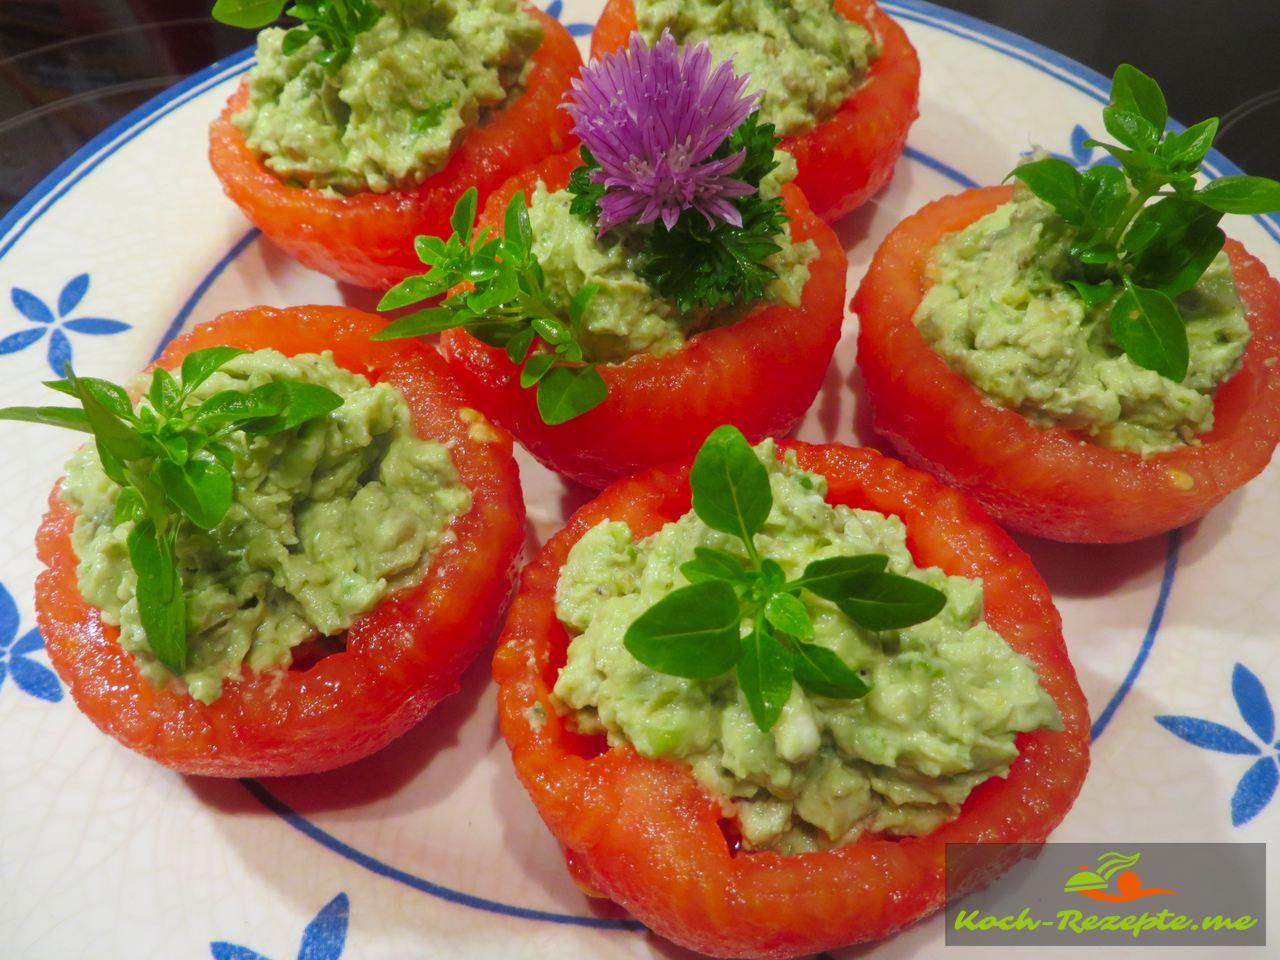 Gefüllte Tomaten mit Avocado-Frisch-Ziegenkäse Créme, französisches Rezept.